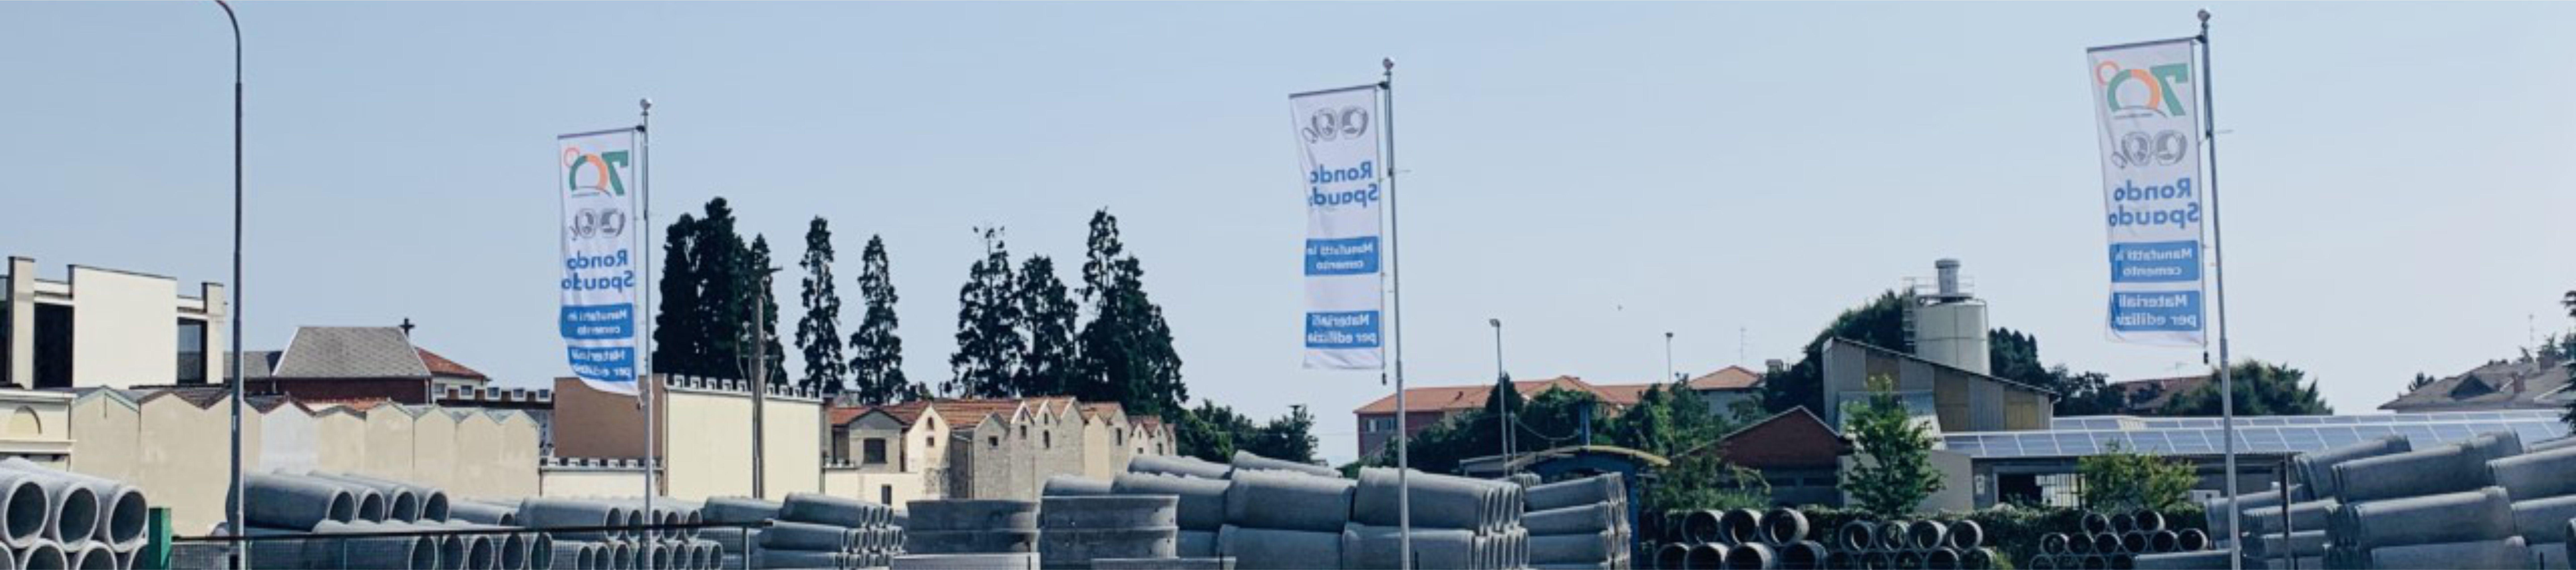 bandiere per sito